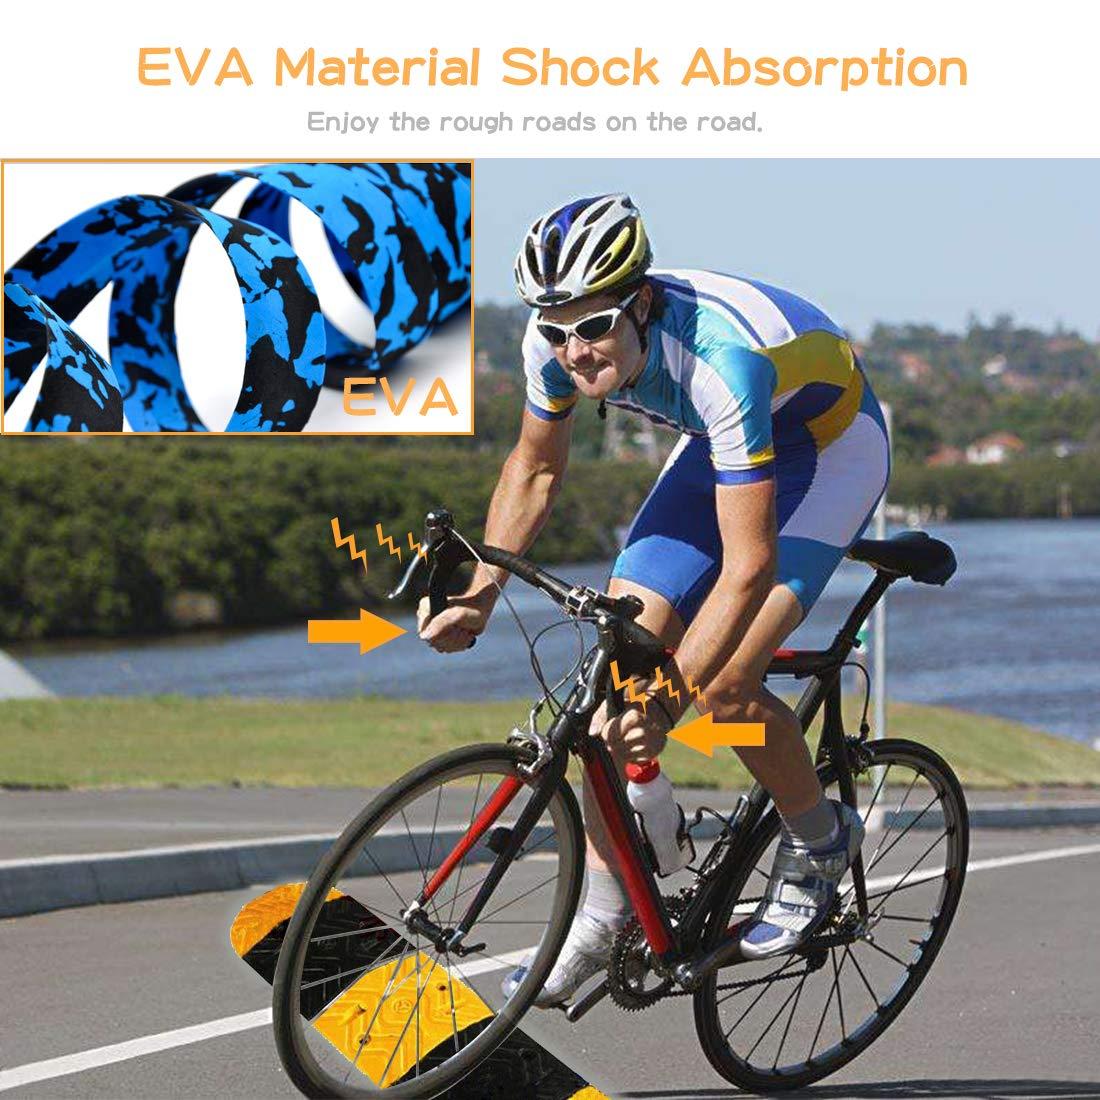 Cintas De Manija De Ciclismo Con Tapones De Extremo De Barra MOAMUN Cintas De Manillar De Bicicleta De Carretera Cintas Cinta De Barra De Bicicleta De Bicicleta Coj/ín De Goma Antideslizante Y Amortiguador